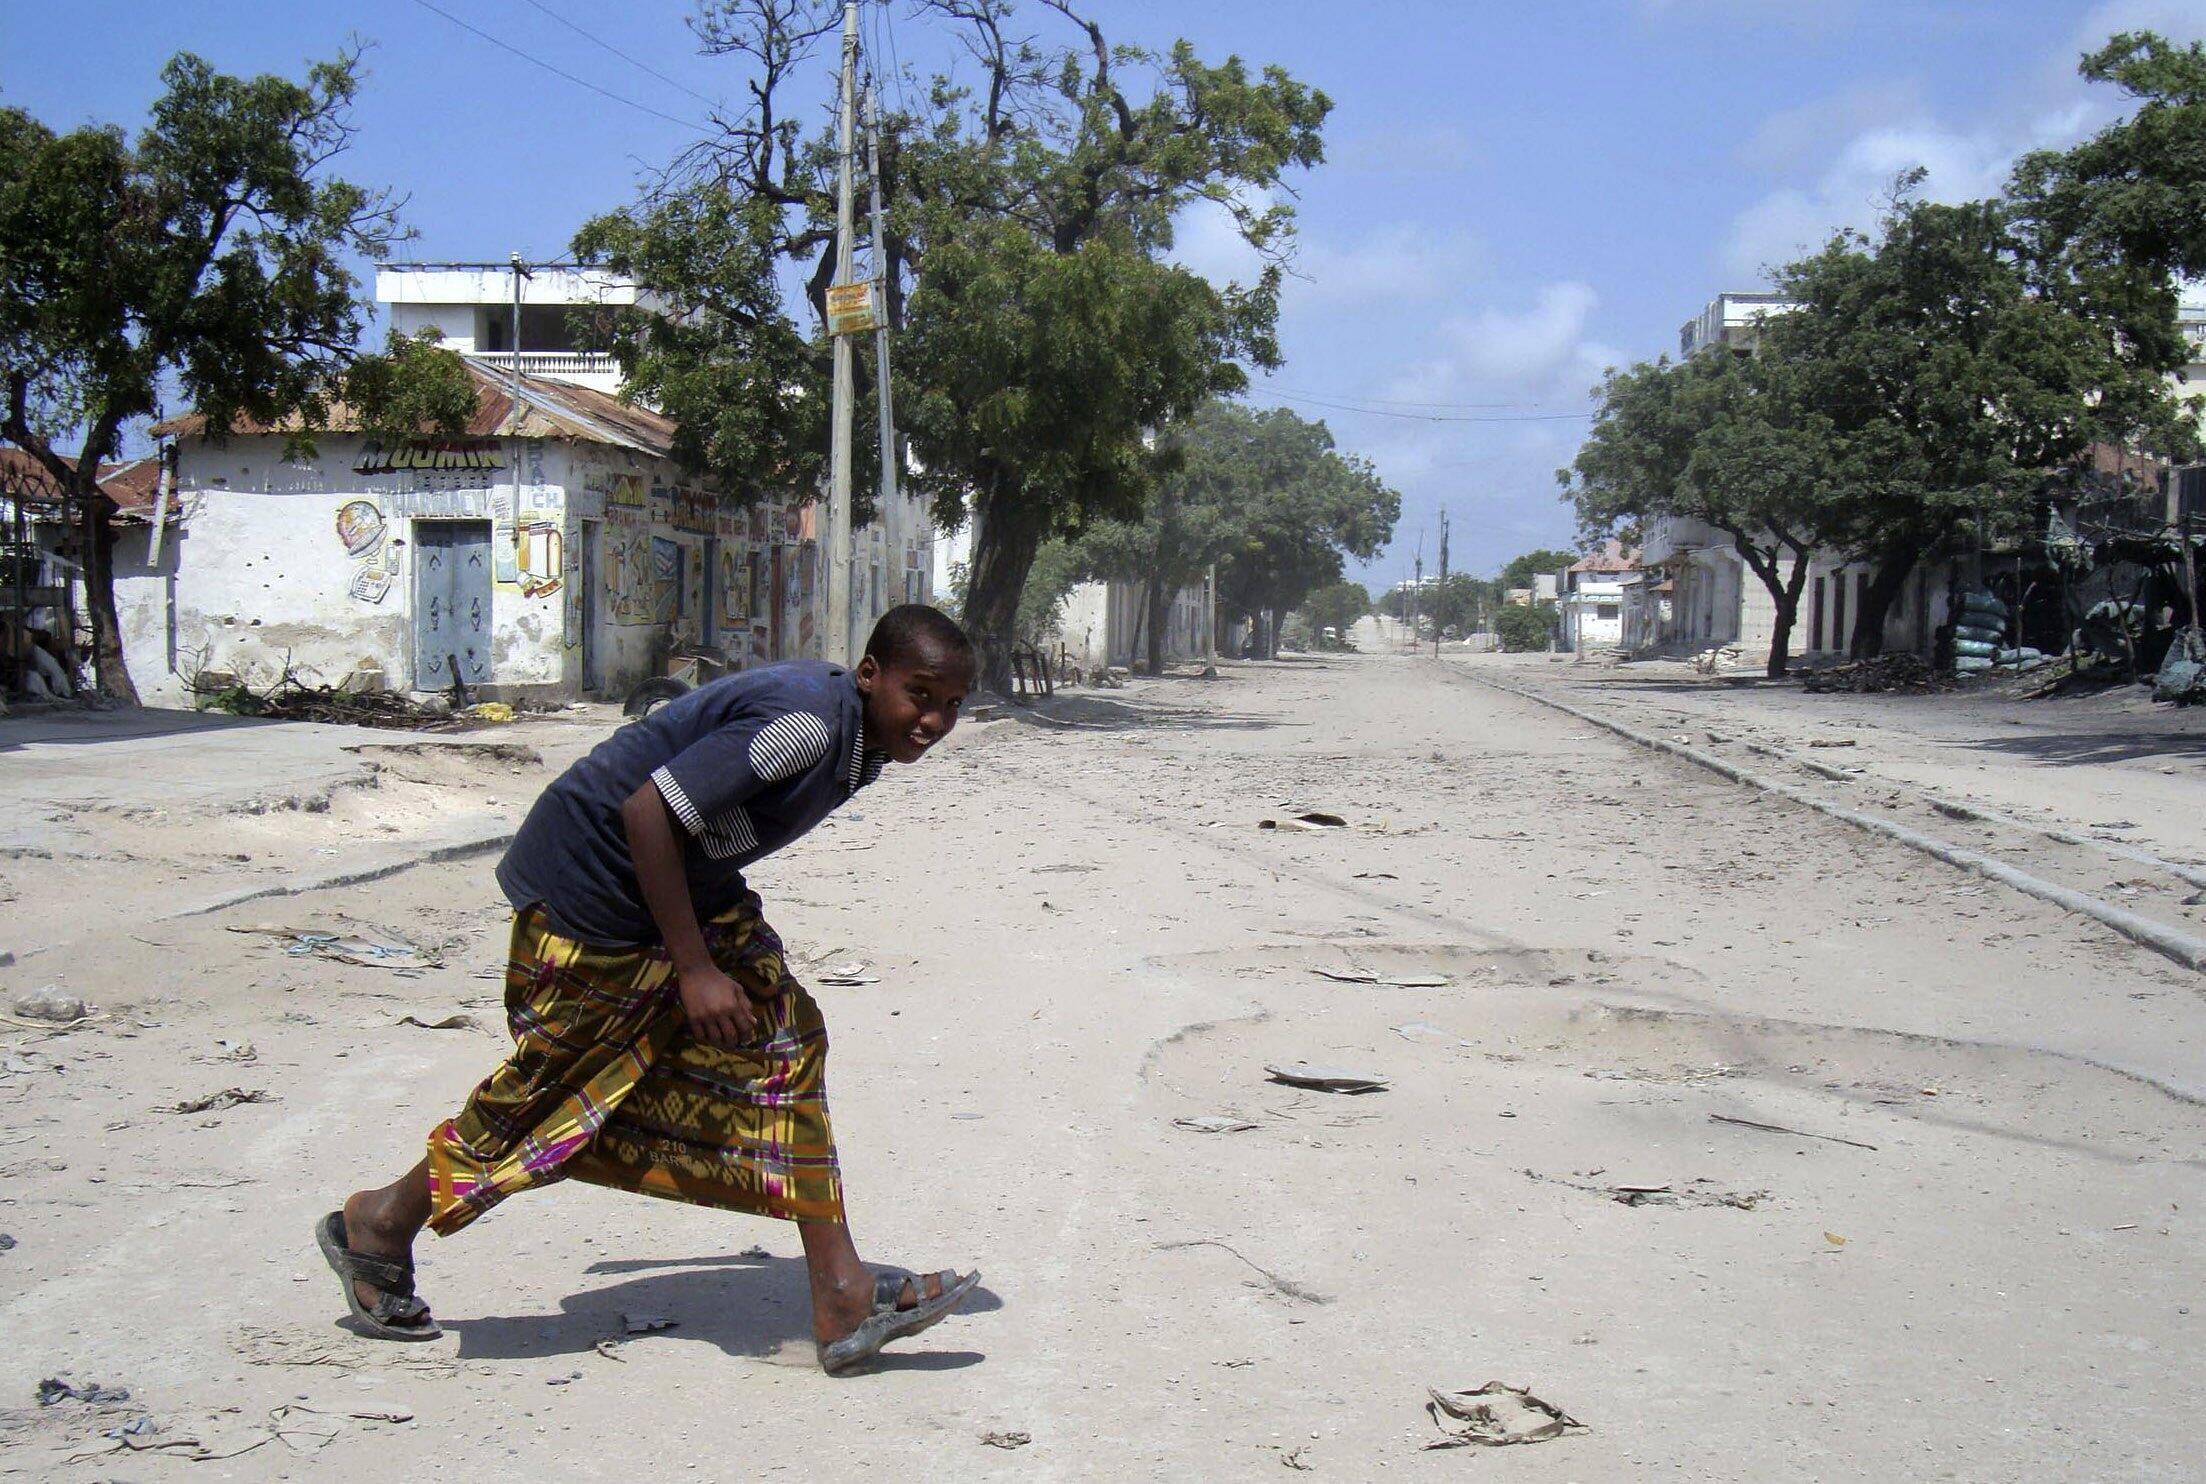 Un garçon traverse une rue de Mogadiscio en Somalie, le 25 août 2010.